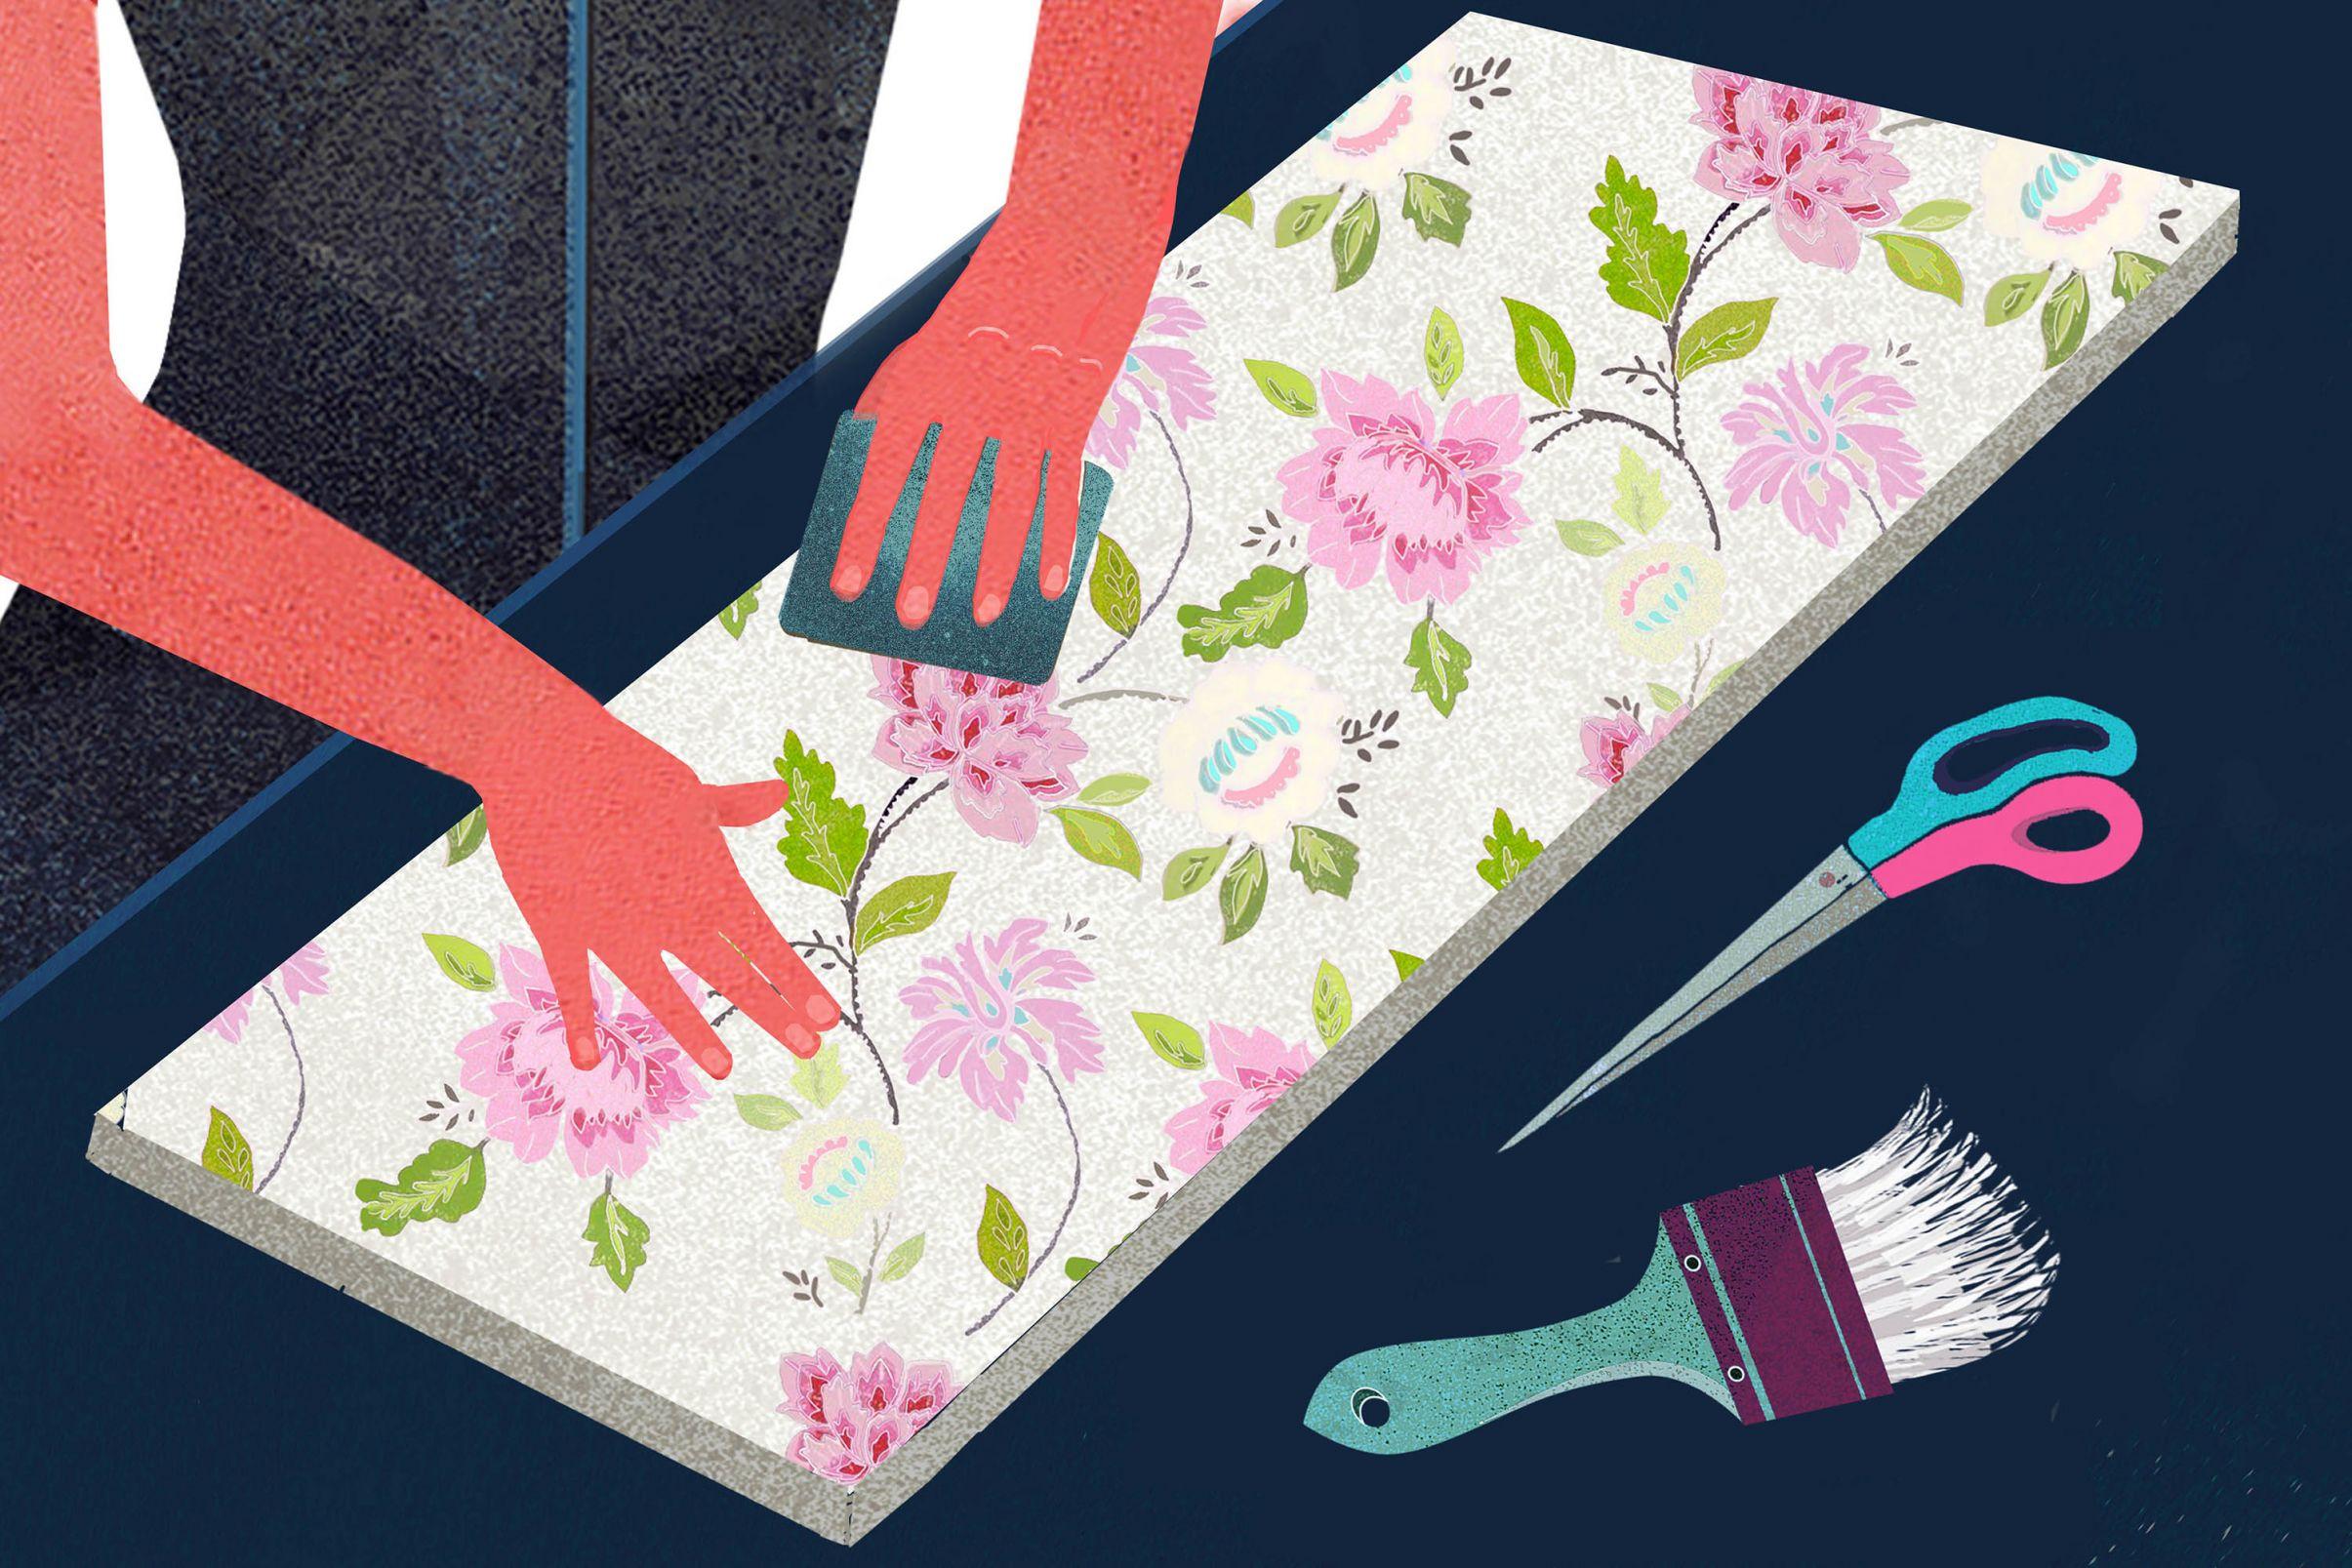 Comment-embellir-des-escaliers-avec-du-papier-peint-Pre-couper-le-papier-peint-et-le-poser